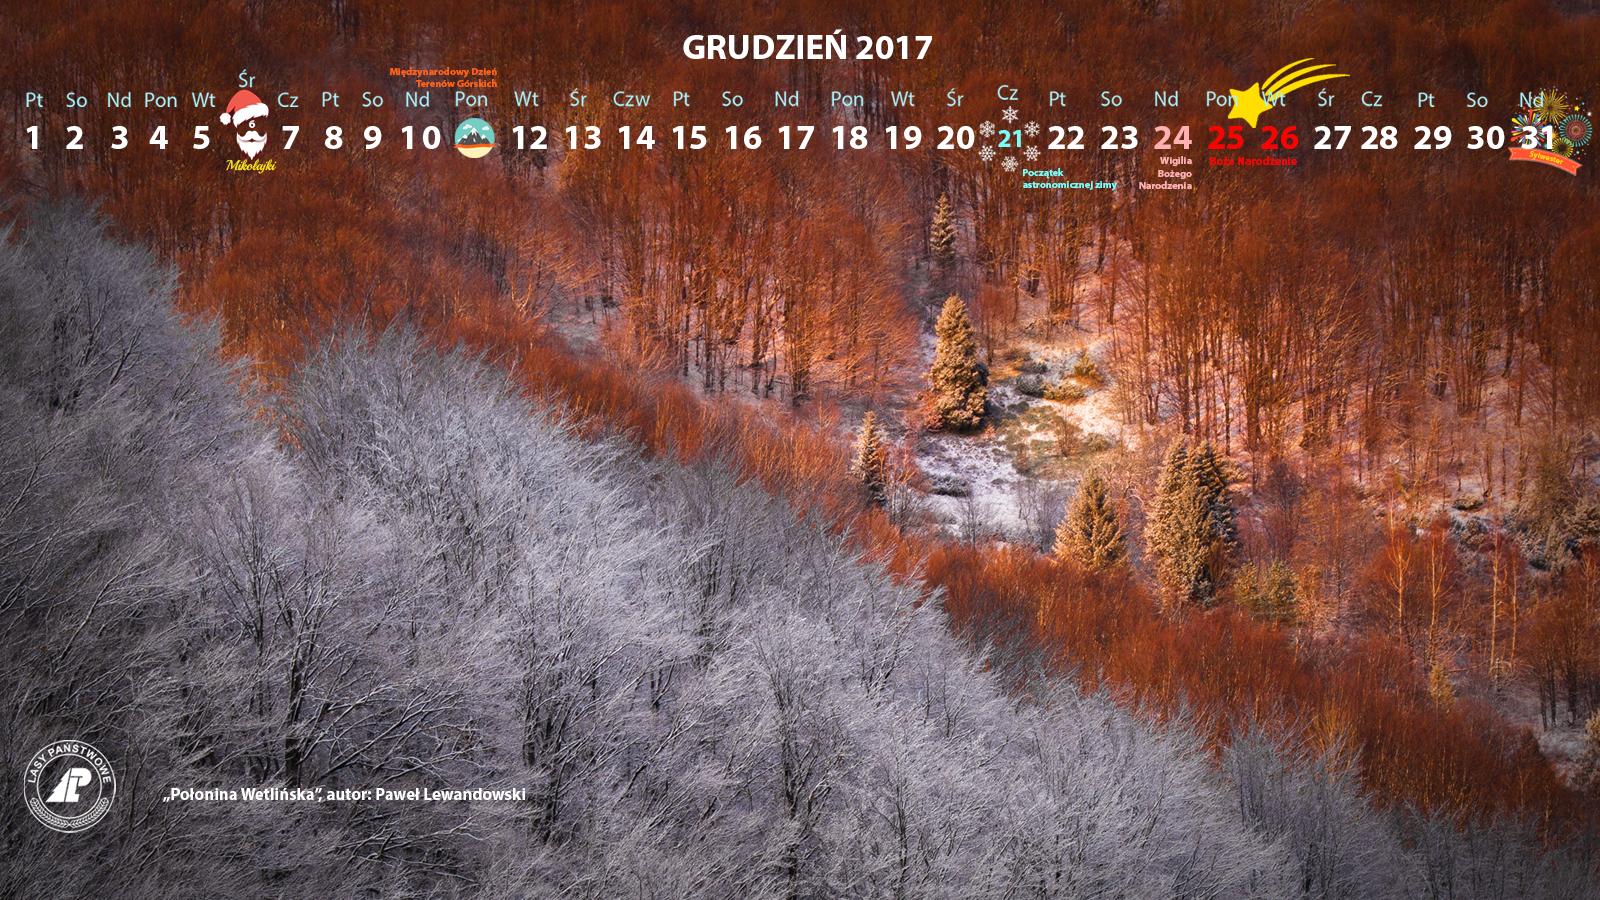 Kalendarz grudzien 2017 1600x900.jpg